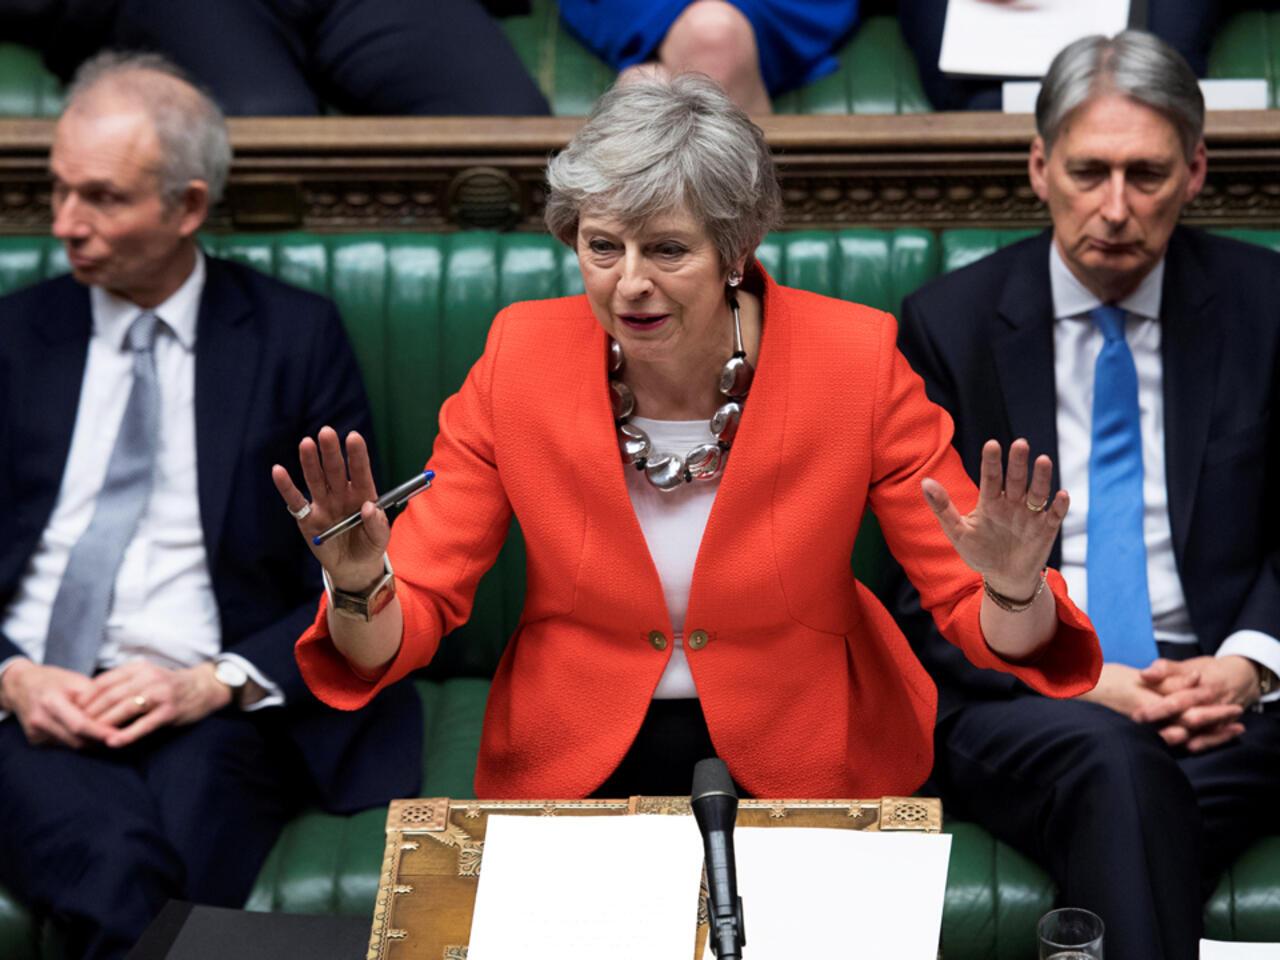 Qué sigue tras el segundo rechazo del Parlamento al Brexit de May?